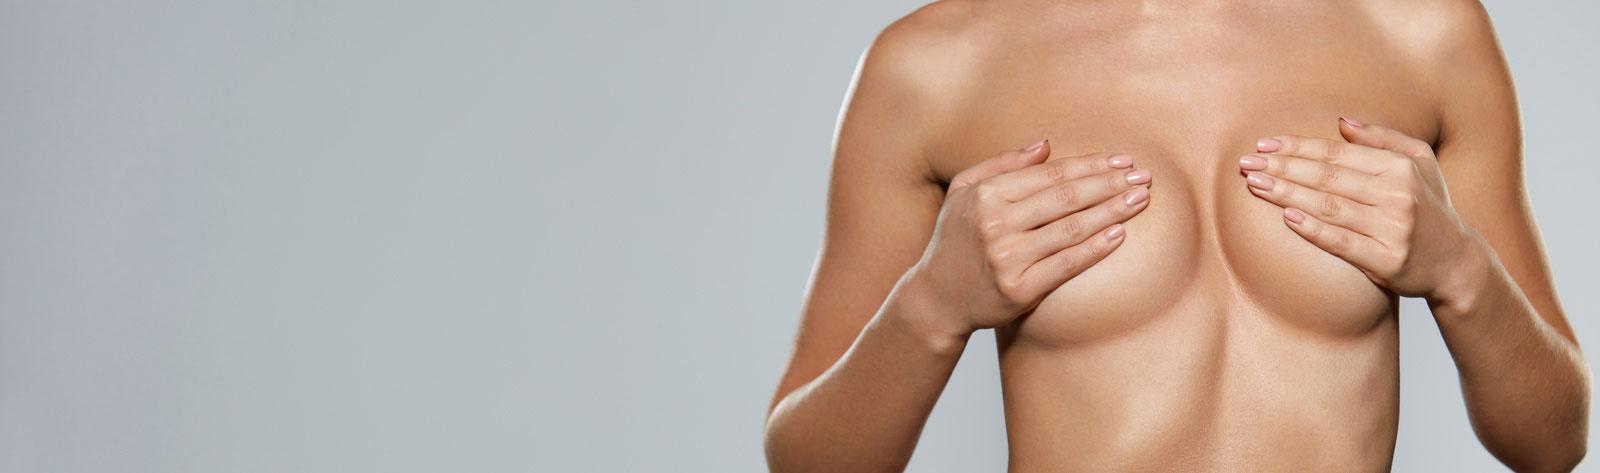 Implanty piersi – z jakich powodów kobiety decydują się na ich wymianę?